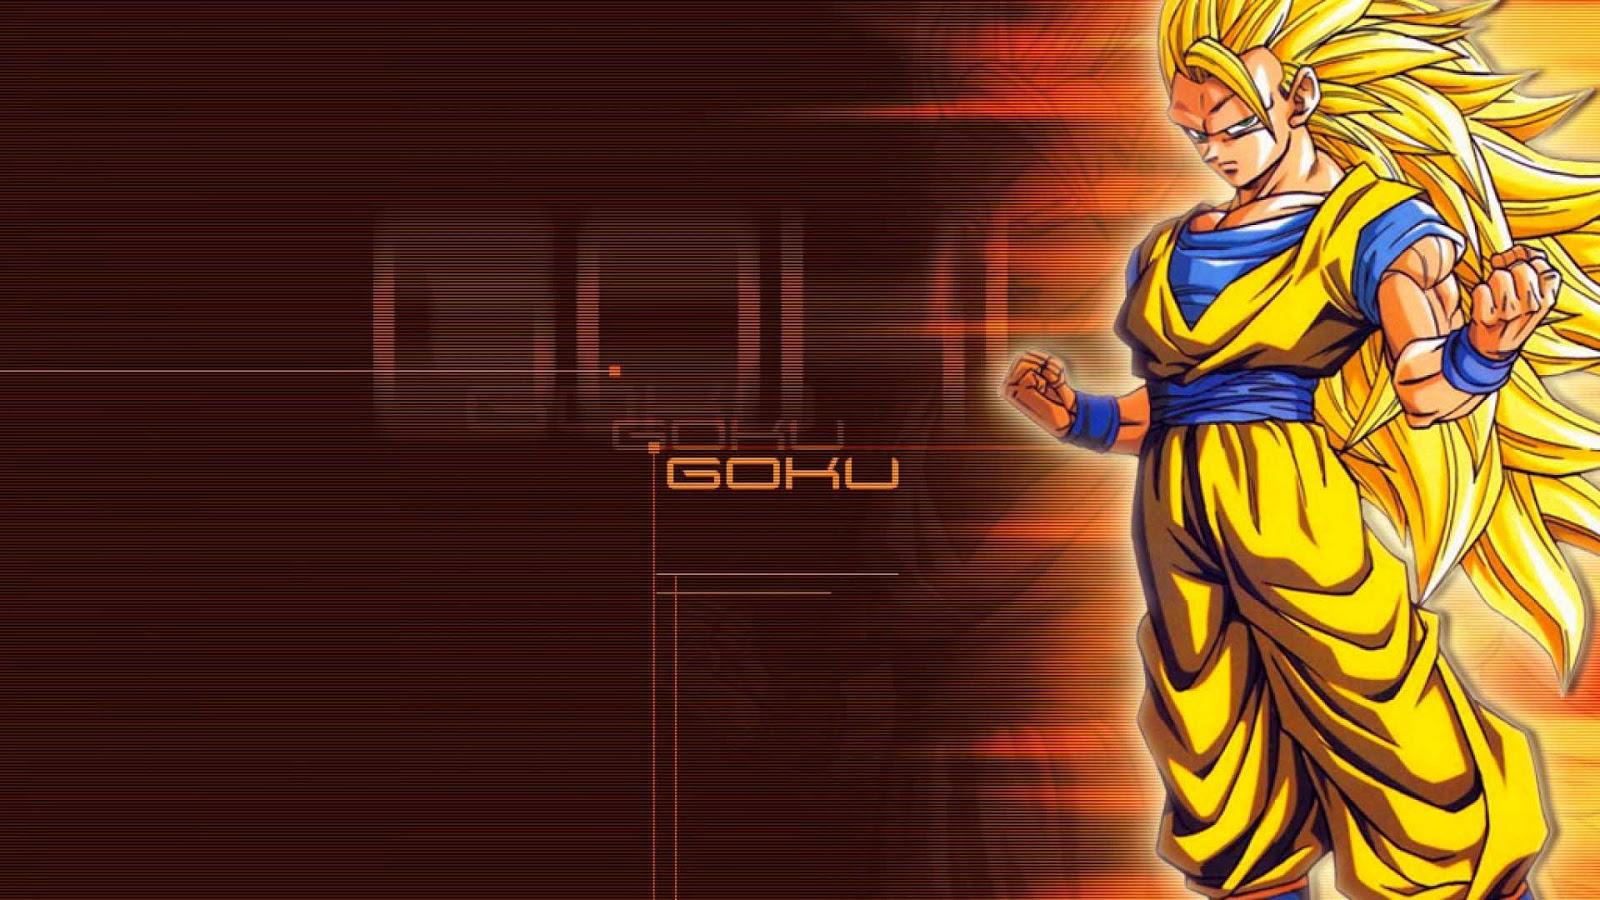 Dragon Ball Z Wallpaper Super Saiyans: Dragon Ball Z Free HD Wallpaper